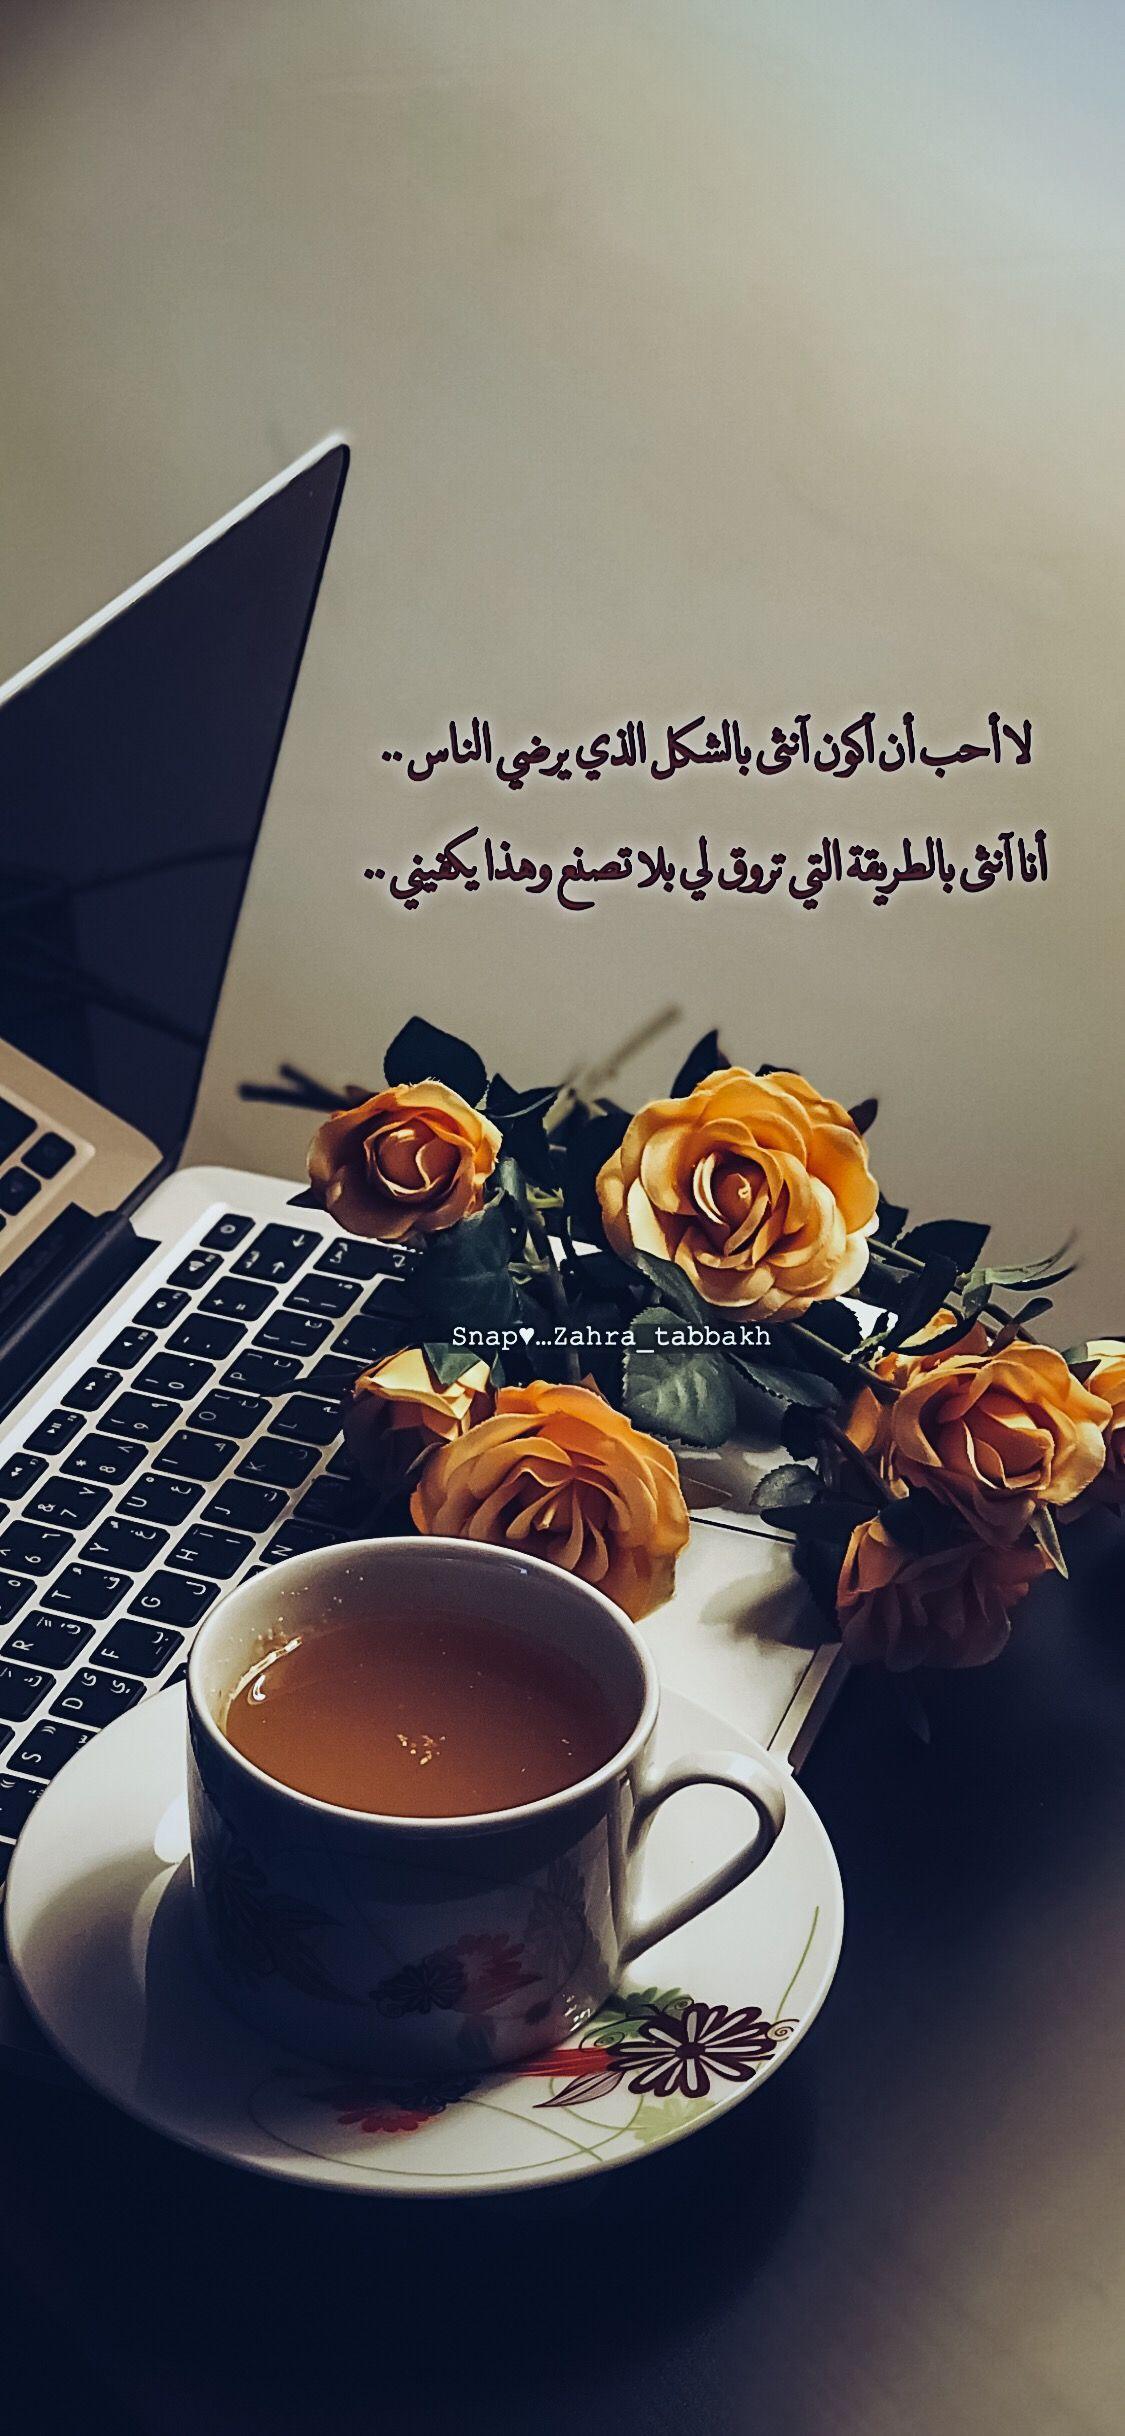 مساء الخير Photo Quotes Arabic Love Quotes Qoutes